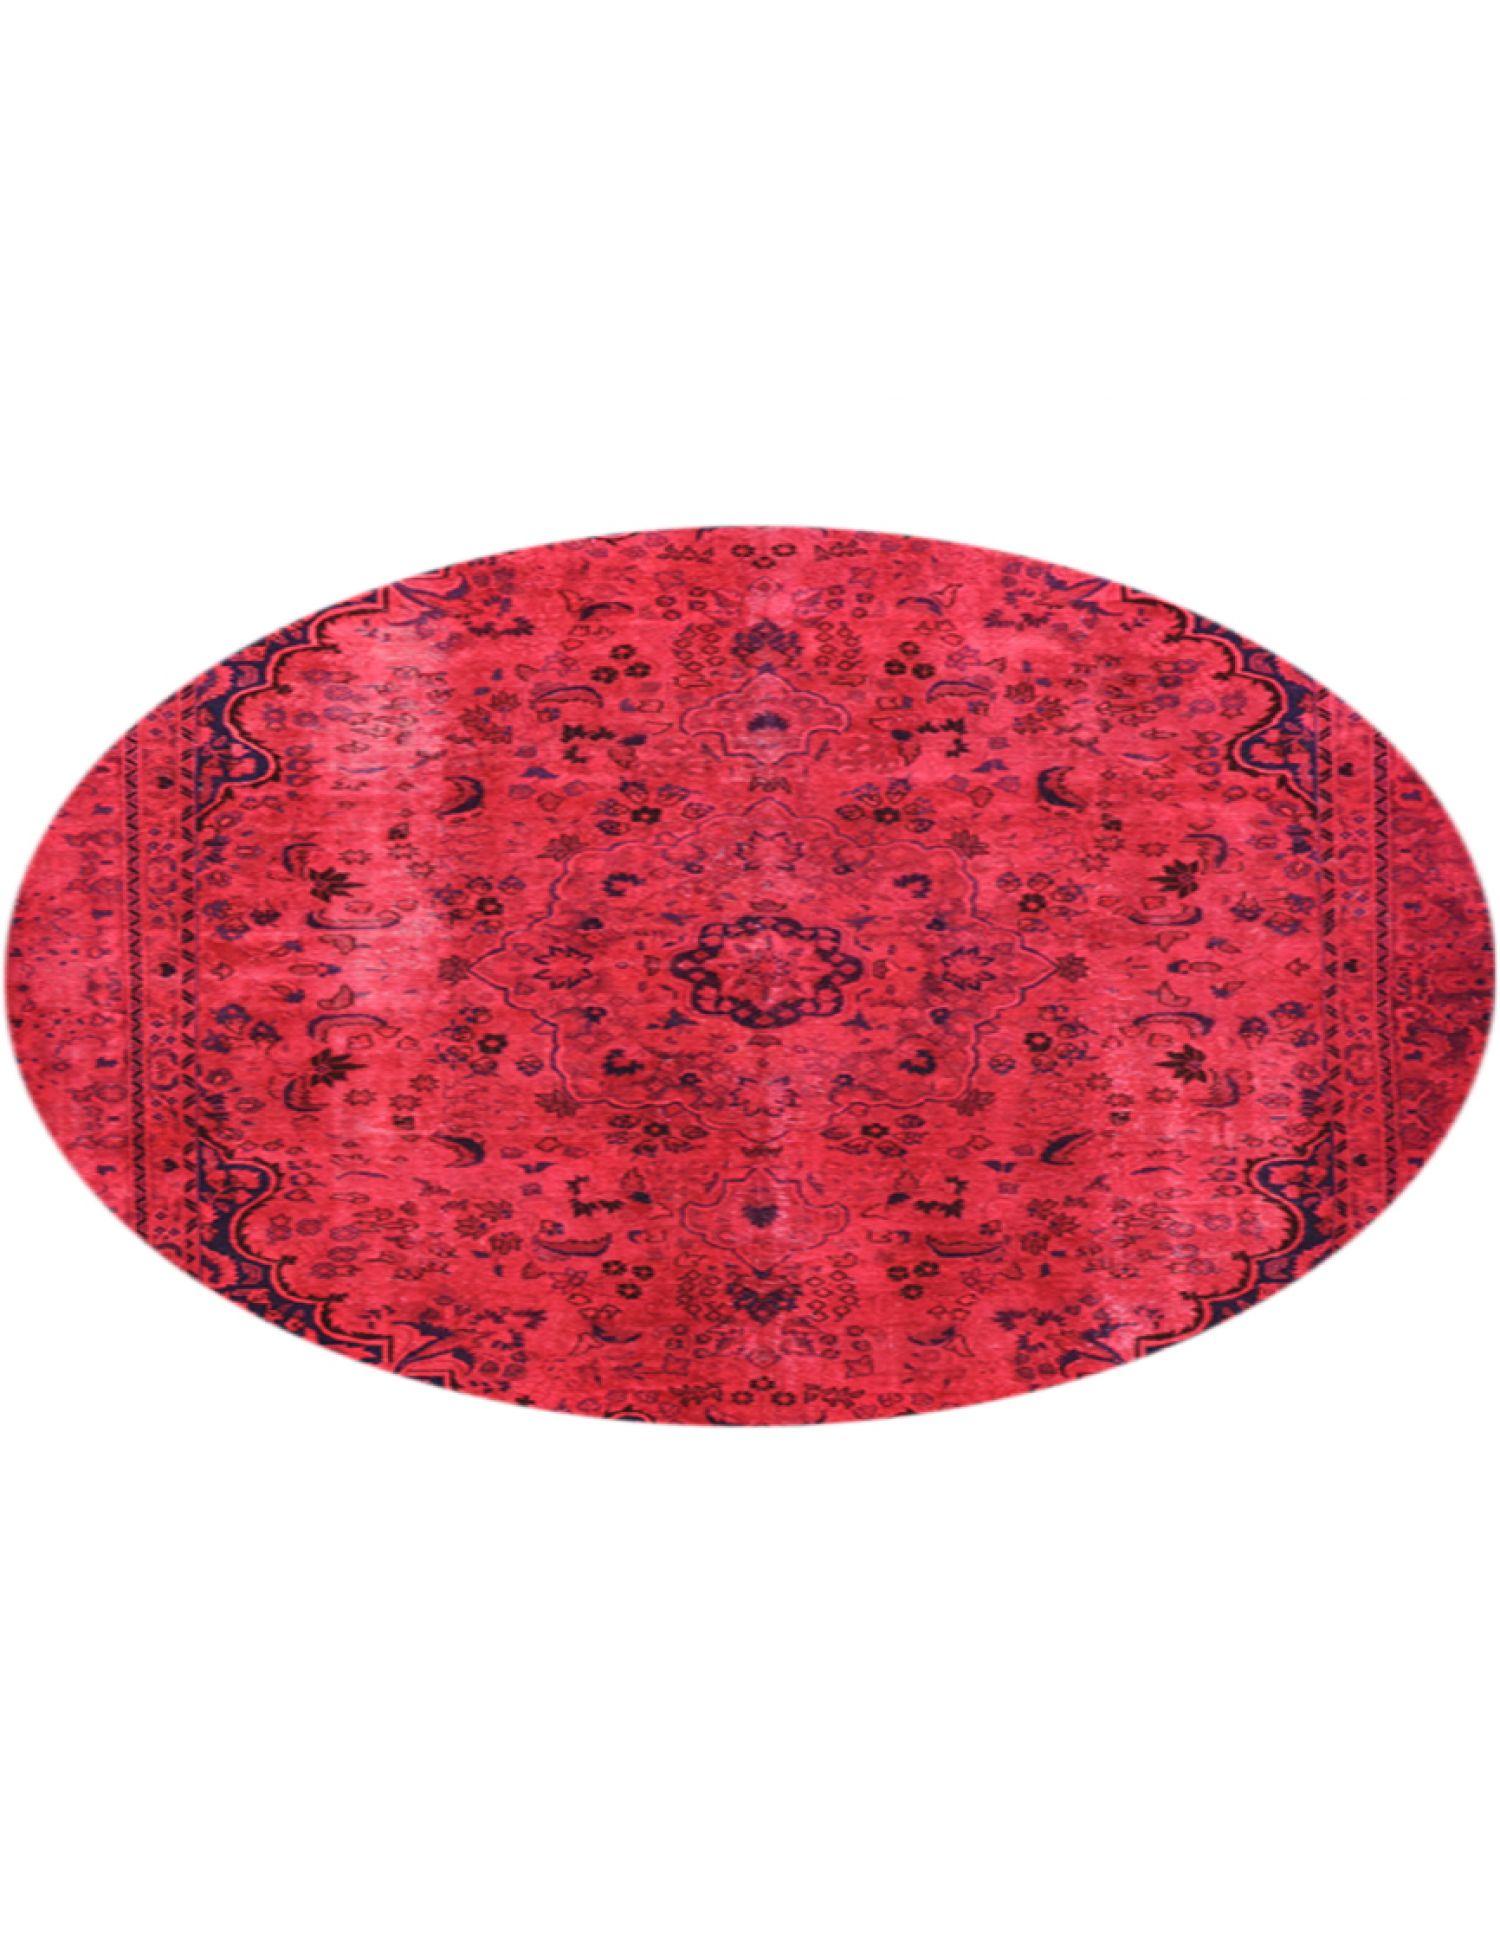 Vintage Teppich rund  rot <br/>258 x 258 cm